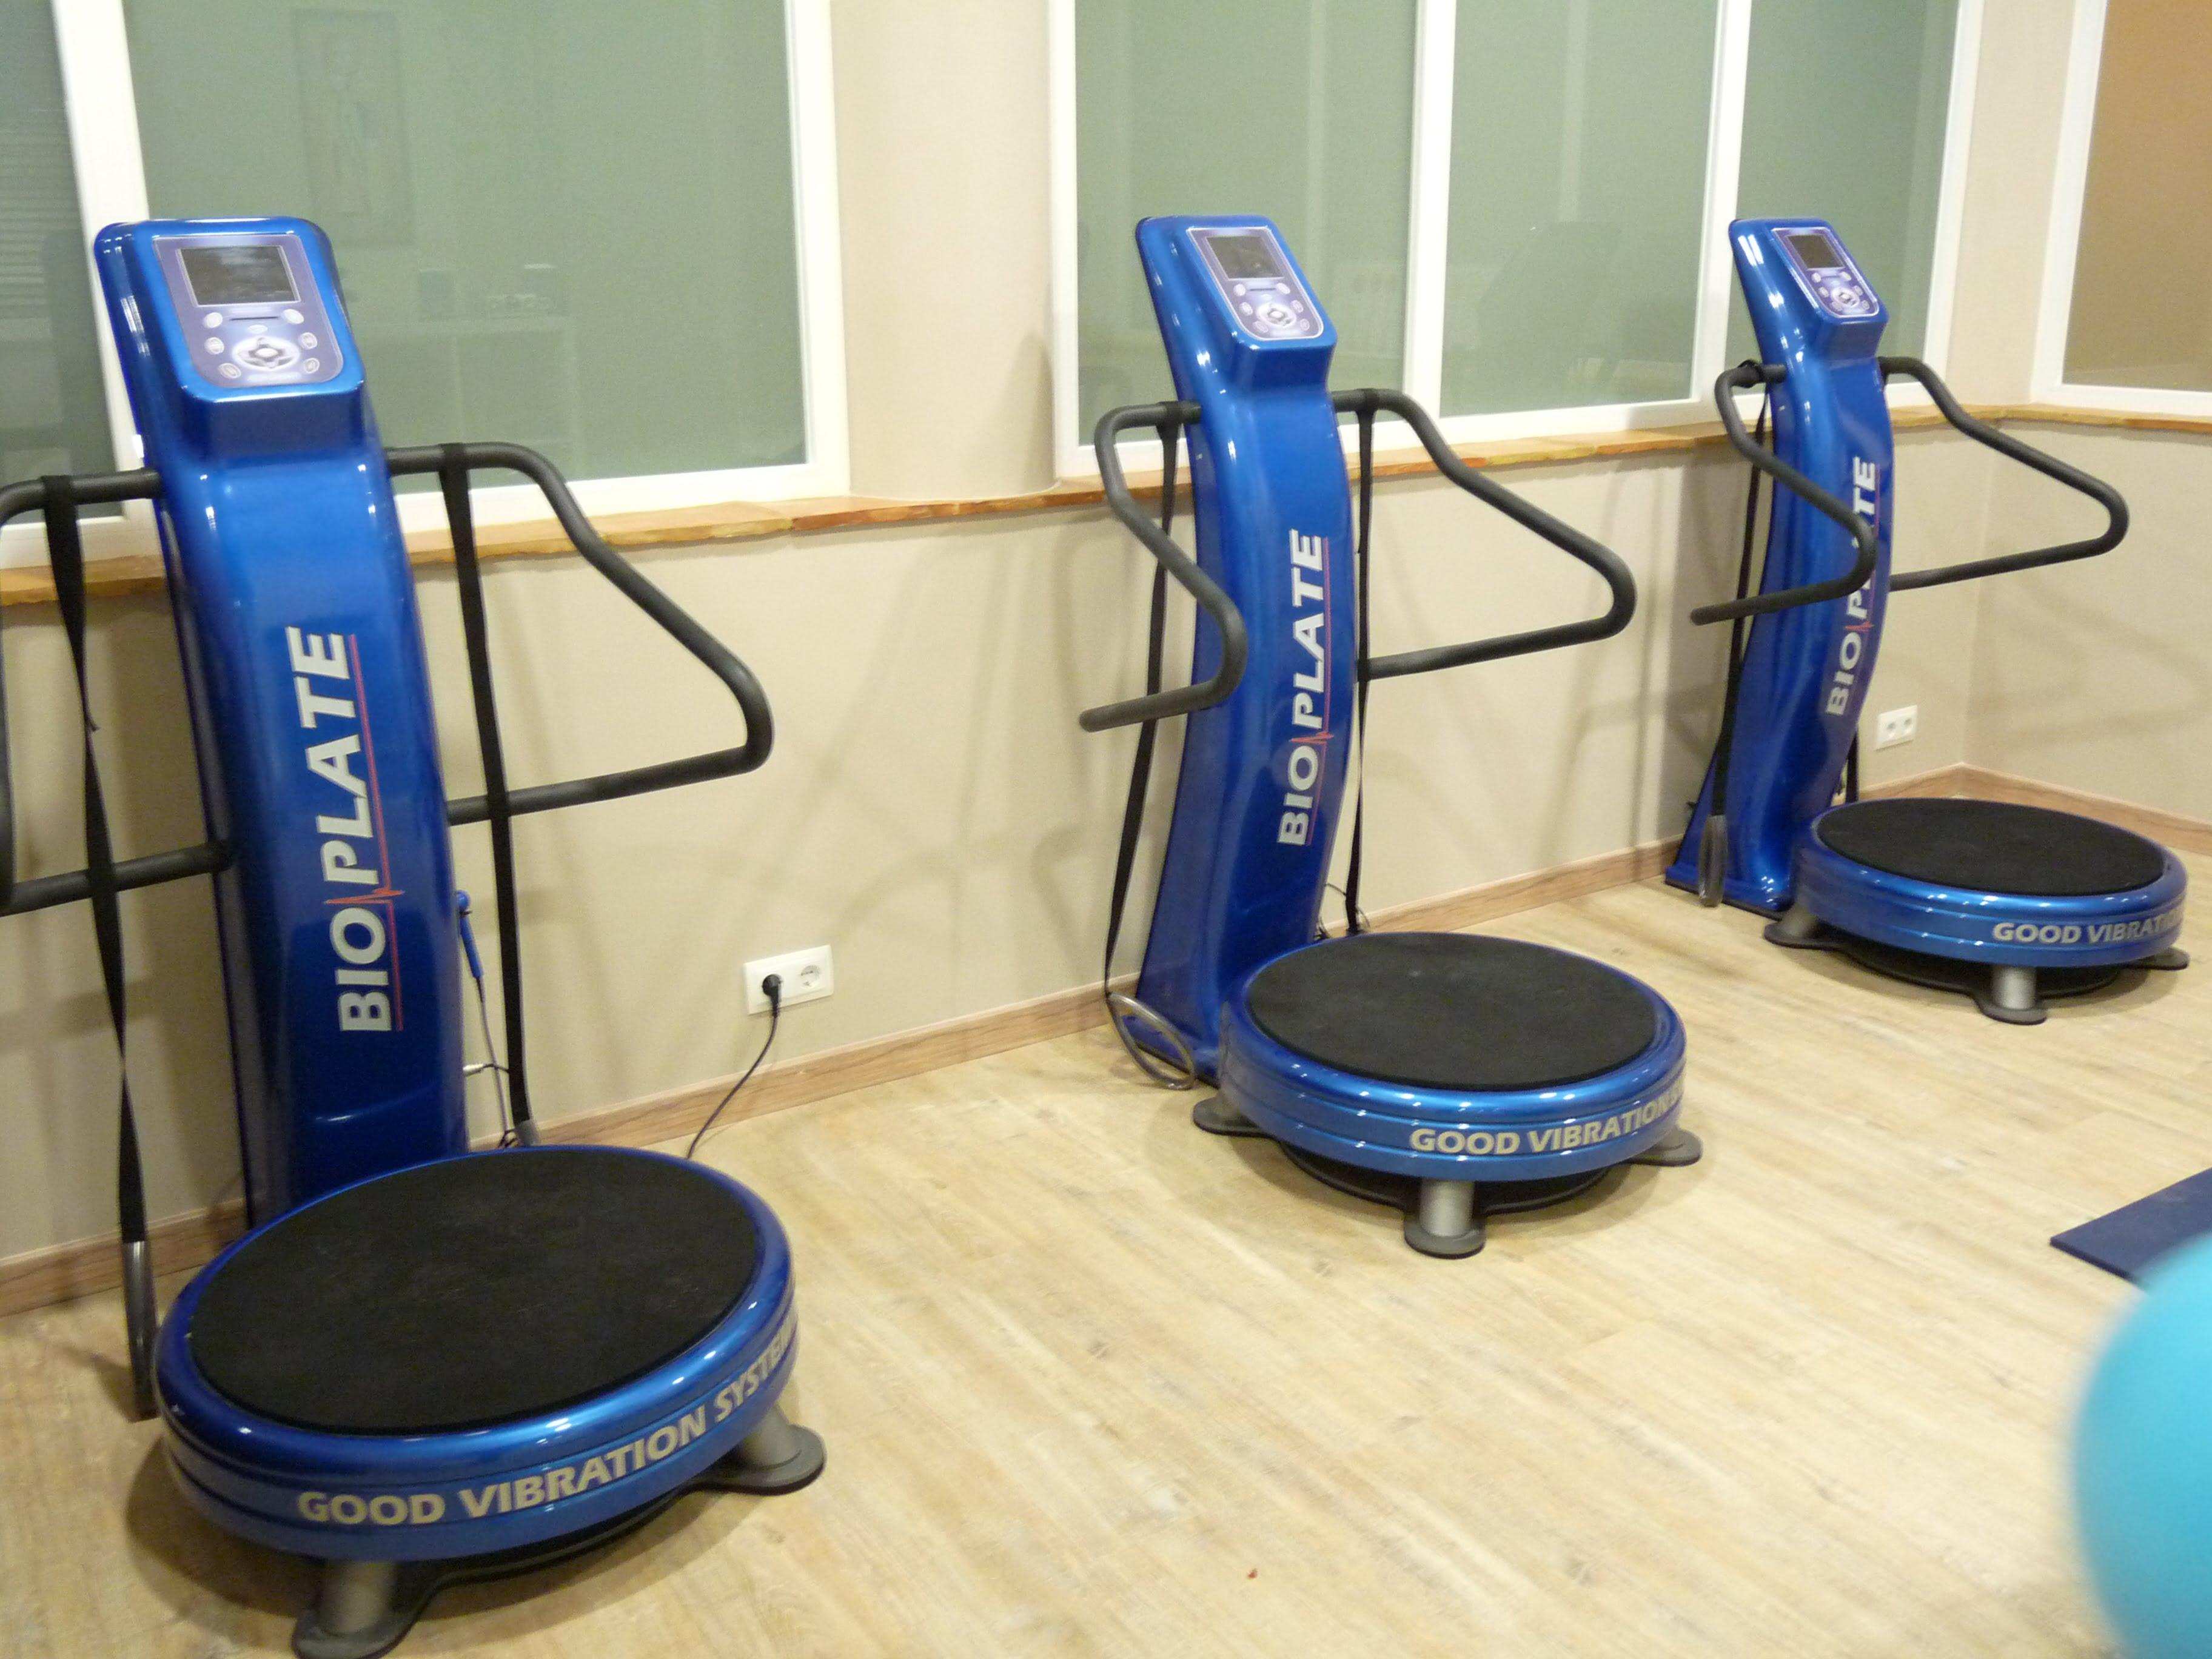 Centro policlinico Jávea CUME con le attività per la cura fisica come sala Bio piattaforme piastra vibrante